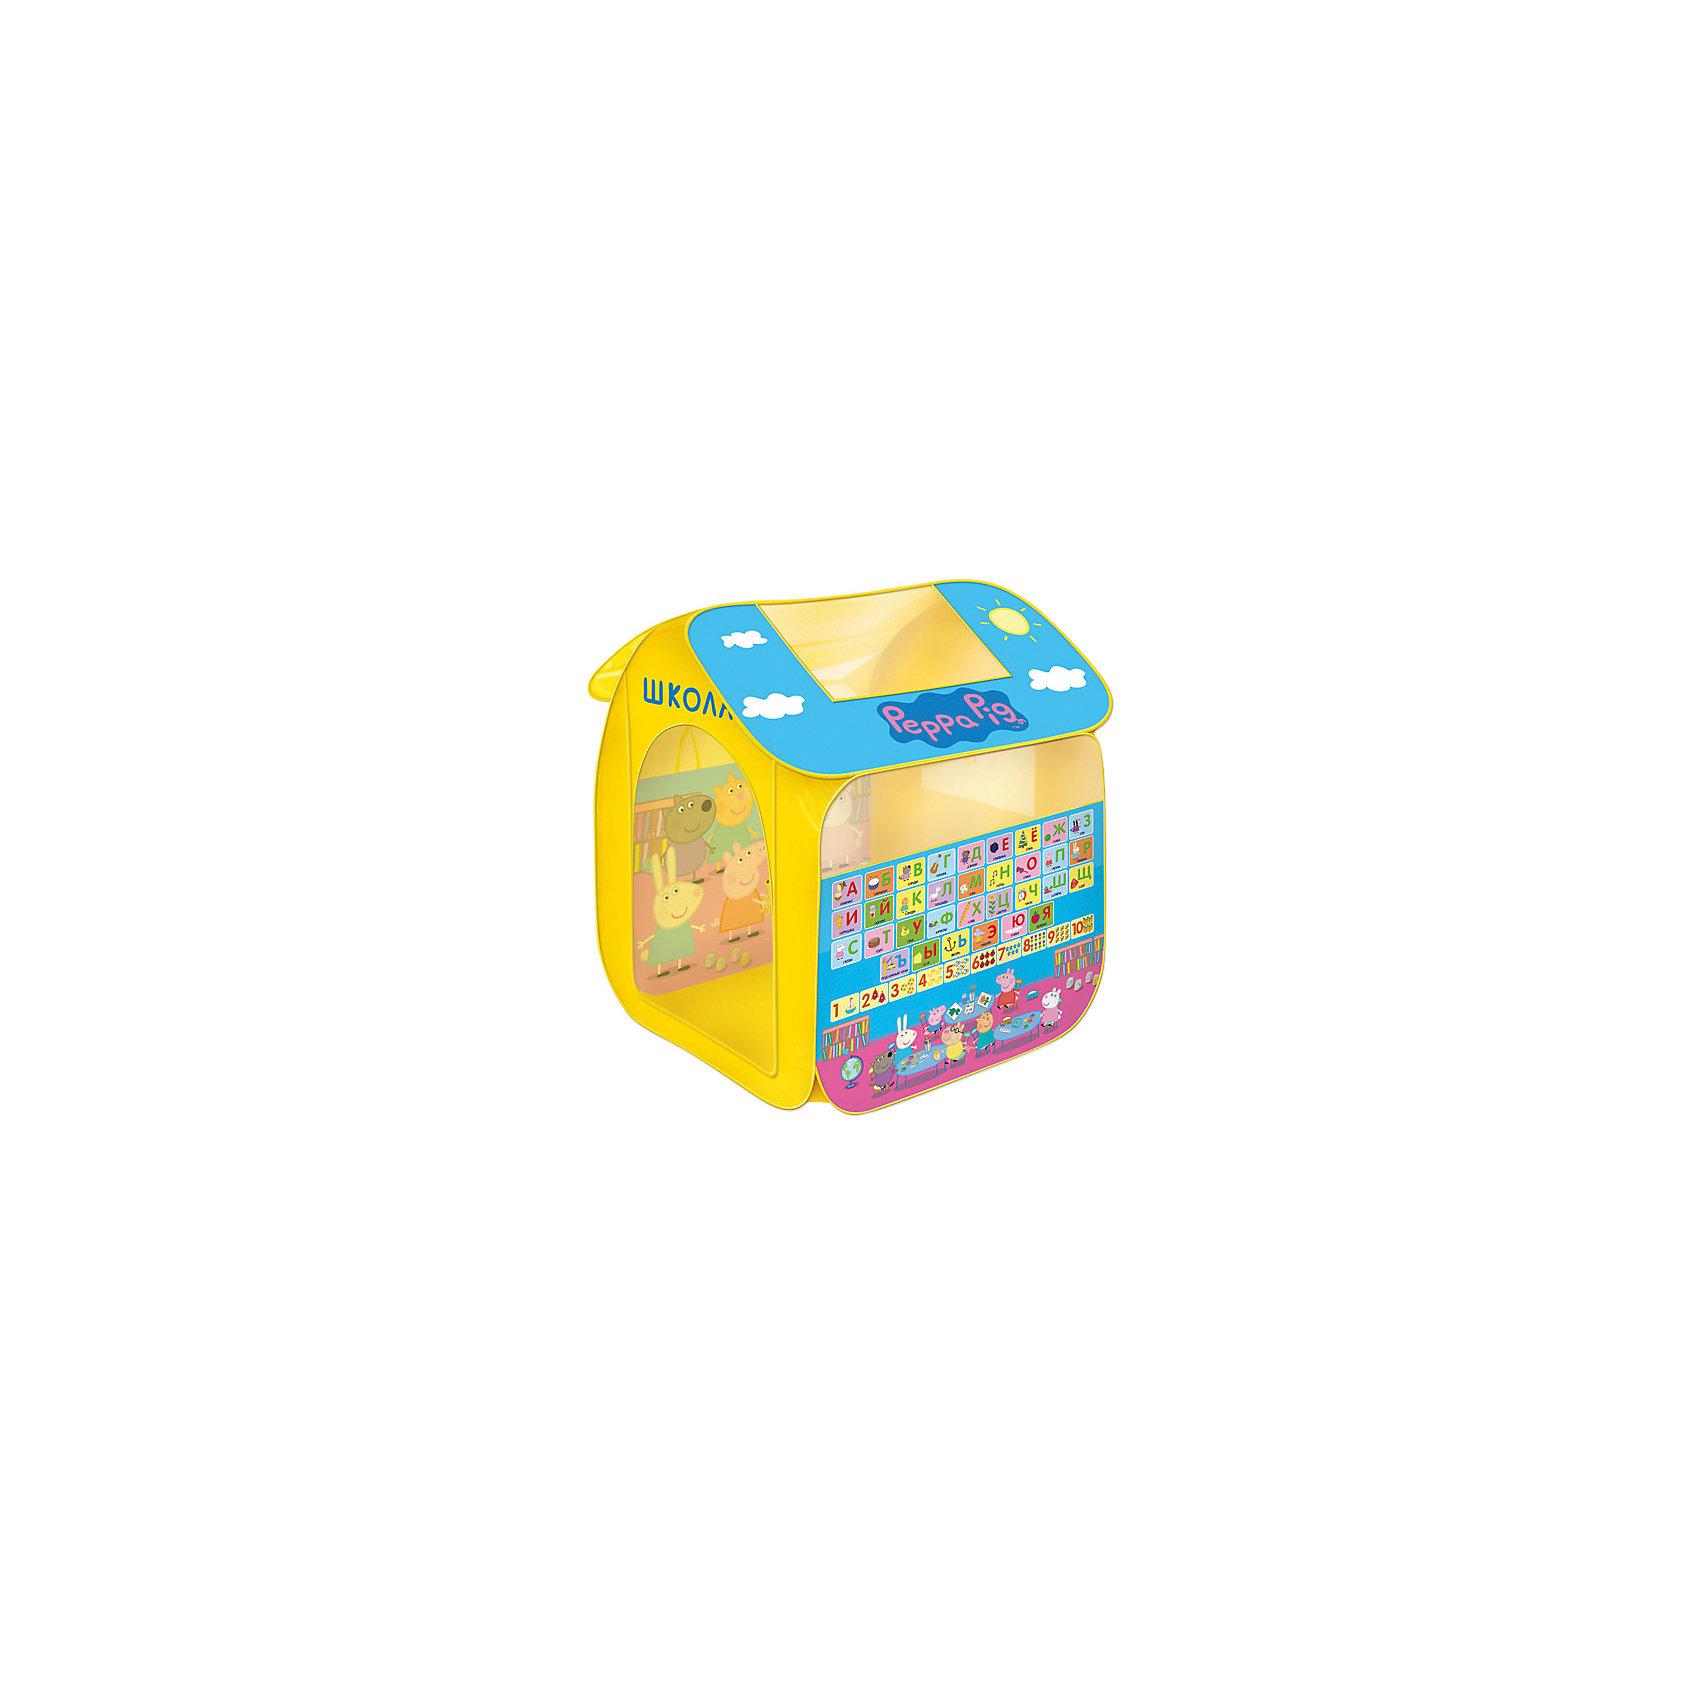 Игровая палатка Свинка Пеппа, 83*105*80 см, РосмэнИгровые центры<br>Игровая палатка  83*105*80 см, Свинка Пеппа – домик, который поможет малышу не только создать уголок для игр, но и выучить буквы и цифры.<br>Яркая игровая палатка с любимыми персонажами из мультсериала «Свинка Пеппа» приведет в восторг любого малыша. Она подходит для игры в помещении или на улице в летнее время года. Палатка состоит из 2 частей (основного корпуса и крыши), каждая из которых оснащена сетчатыми окошками. Входной полог закрывается на липучки. На одну сторону палатки нанесены все буквы алфавита, картинки с предметами, которые начинаются именно на эти буквы и цифры от 1 до 10 с соответствующим количеством предметов для каждой цифры. На другую сторону - эпизод про школу из мультфильма «Свинка Пеппа». Игровая палатка имеет прочный самораскладывающийся пластиковый каркас, который легко складывается и раскладывается. В сложенном виде она очень компактна. Для удобной транспортировки палатка упаковывается в чехол.<br><br>Дополнительная информация:<br><br>- Размер: 83х105х80 см.<br>- Материал: полиэстер, пластик<br>- Товар сертифицирован<br>- Упаковка: чехол с цветным вкладышем<br>- Размер упаковки: 39х39х4 см.<br>- Вес: 748 гр.<br><br>Игровую палатку 83*105*80 см, Свинка Пеппа можно купить в нашем интернет-магазине.<br><br>Ширина мм: 390<br>Глубина мм: 390<br>Высота мм: 40<br>Вес г: 748<br>Возраст от месяцев: 36<br>Возраст до месяцев: 72<br>Пол: Унисекс<br>Возраст: Детский<br>SKU: 4564016